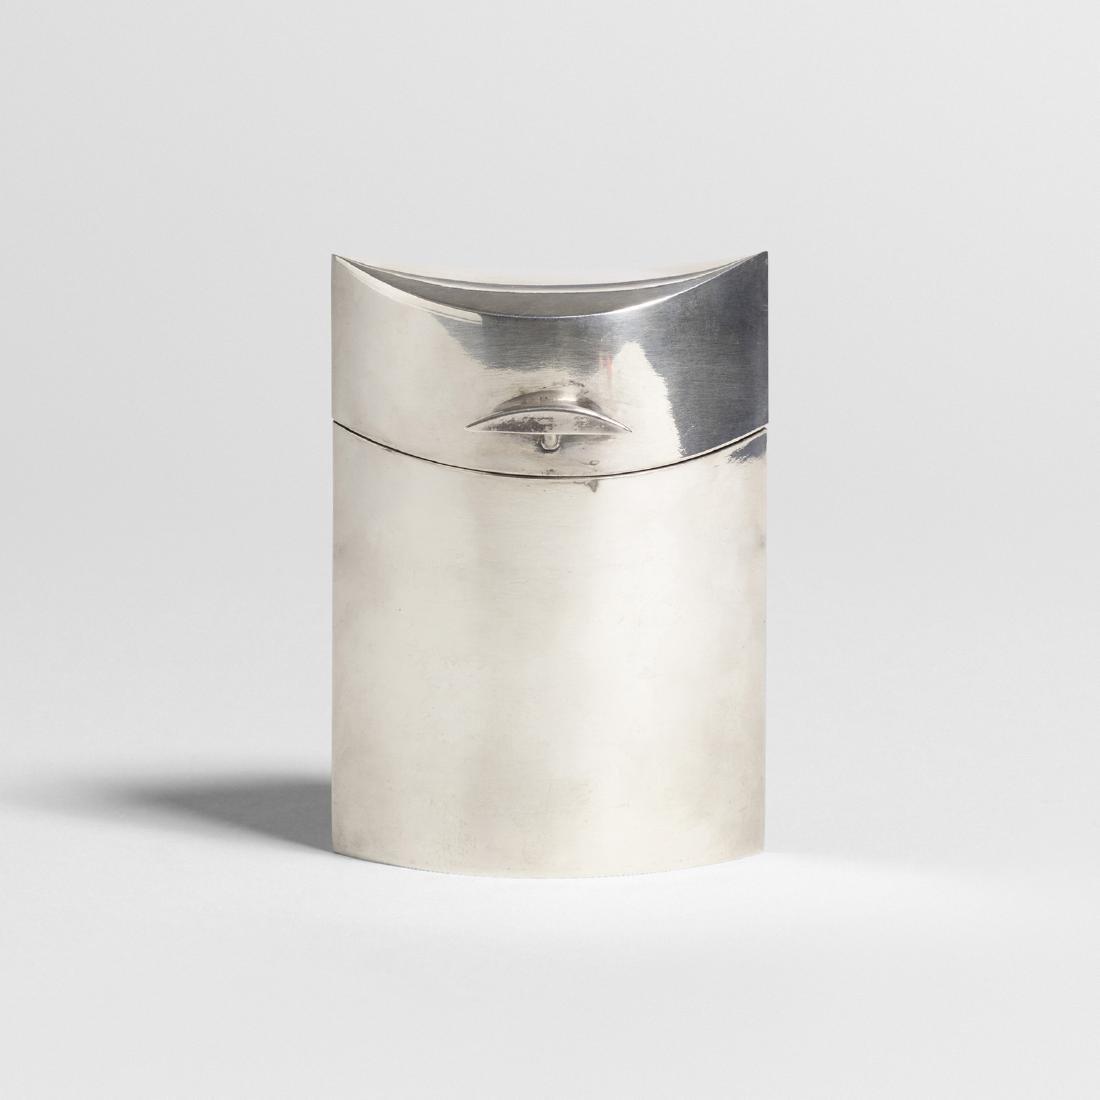 John Prip, prototype cigarette box